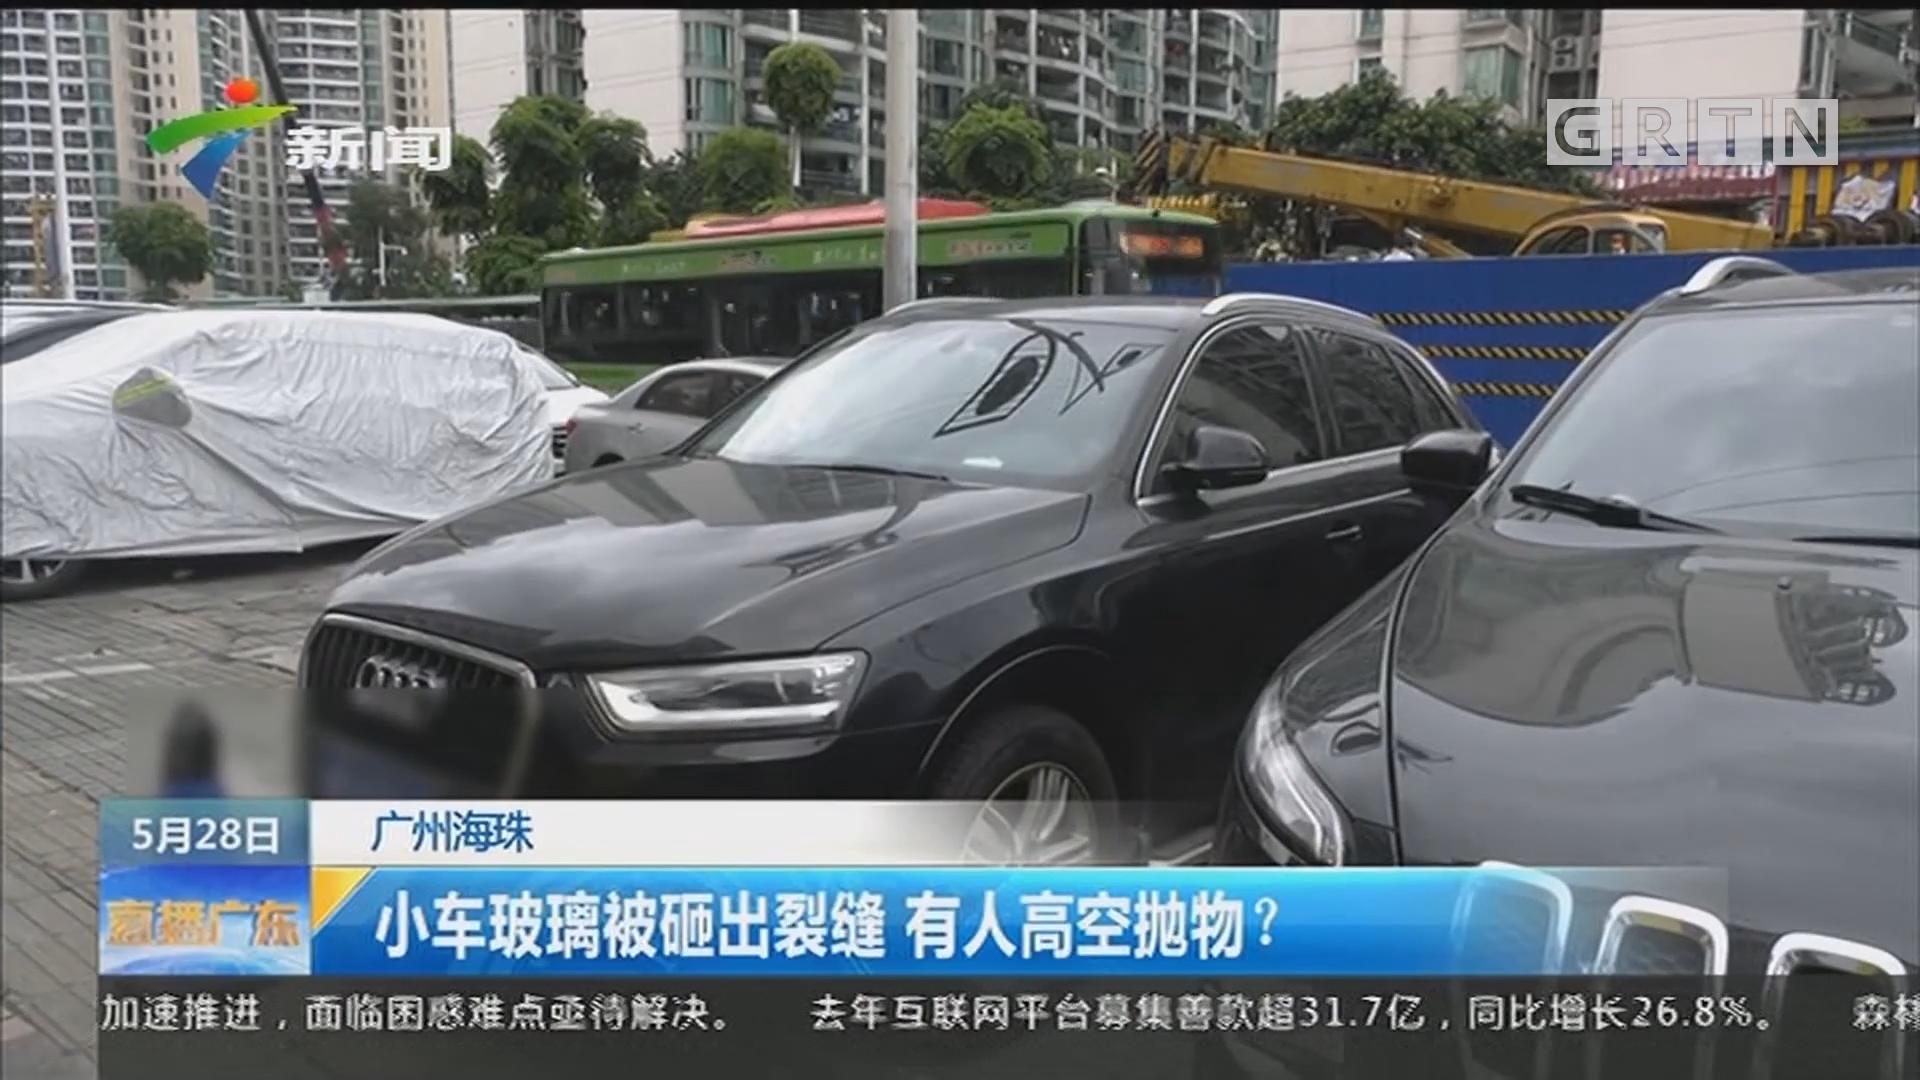 广州海珠:小车玻璃被砸出裂缝 有人高空抛物?